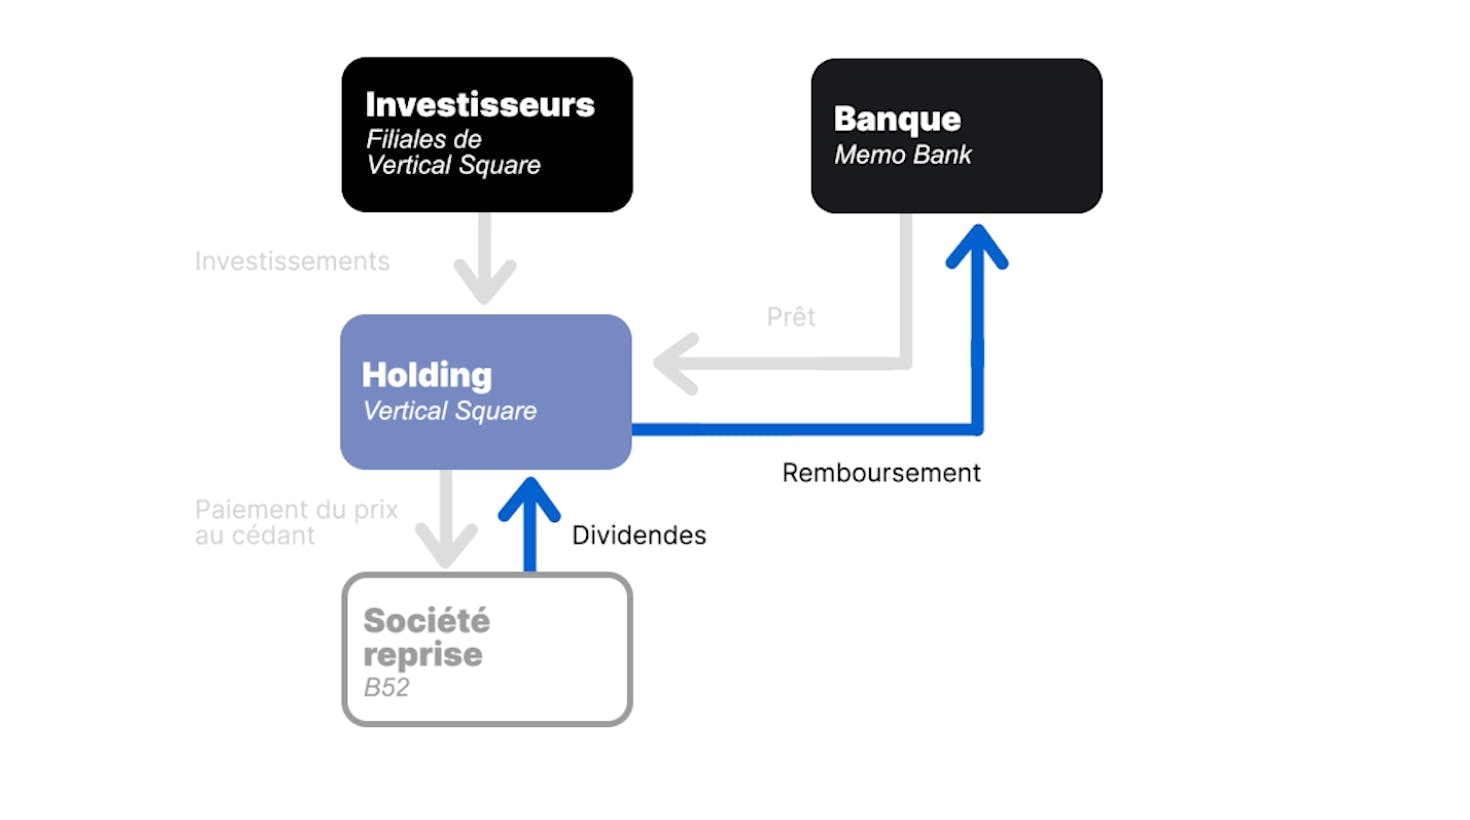 Le principe du LBO est de financer une acquisition principalement par un emprunt bancaire remboursé par les résultats à venir de l'entreprise rachetée.